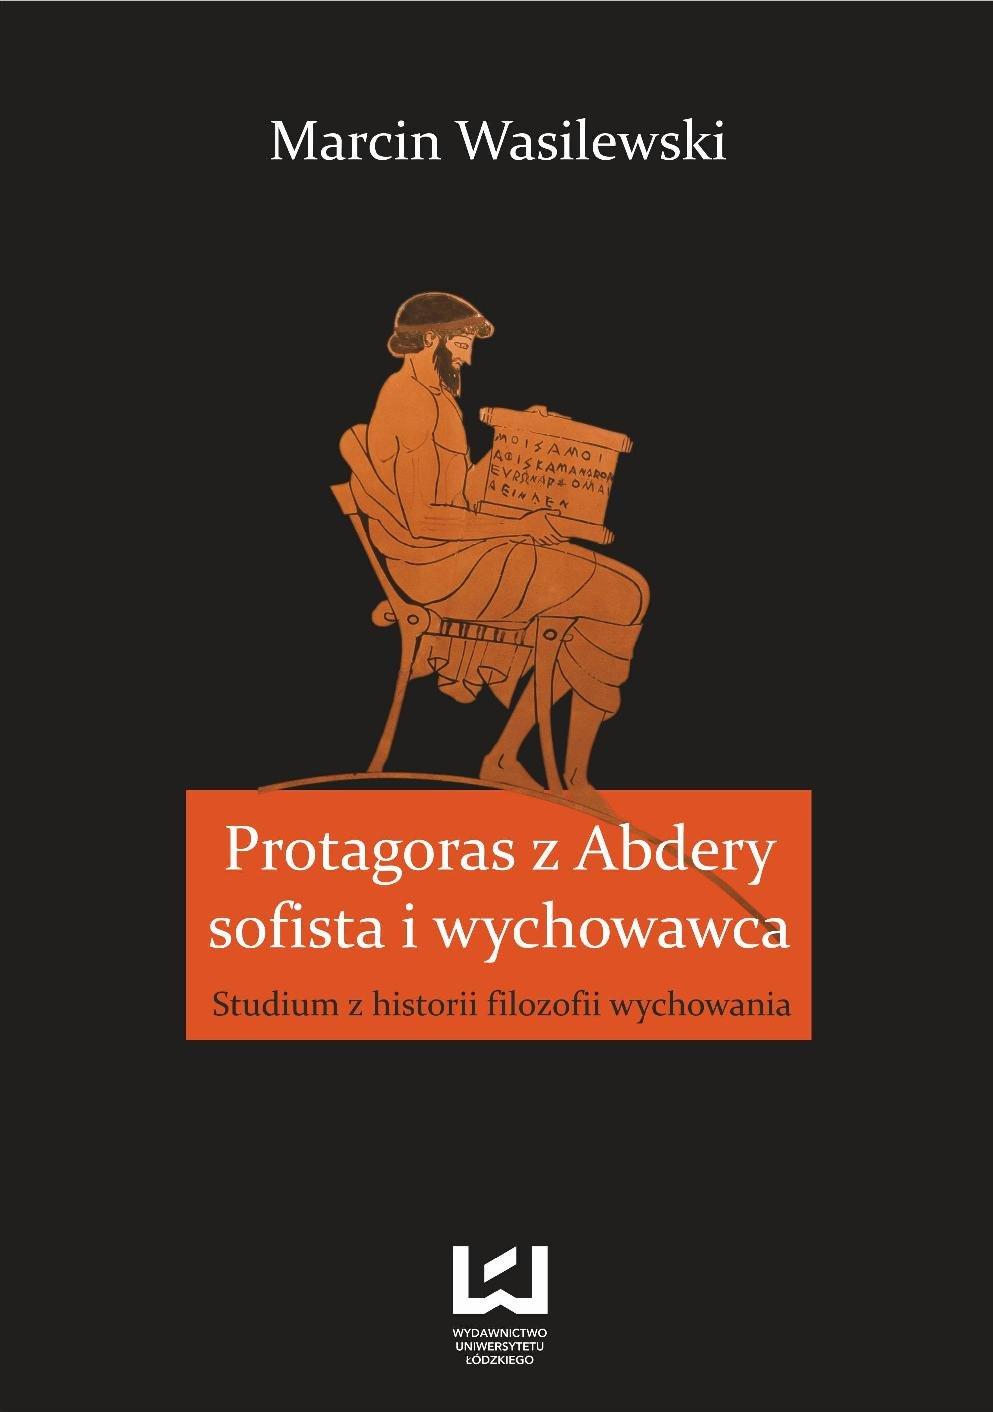 Protagoras z Abdery - sofista i wychowawca. Studium z historii filozofii wychowania - Ebook (Książka PDF) do pobrania w formacie PDF